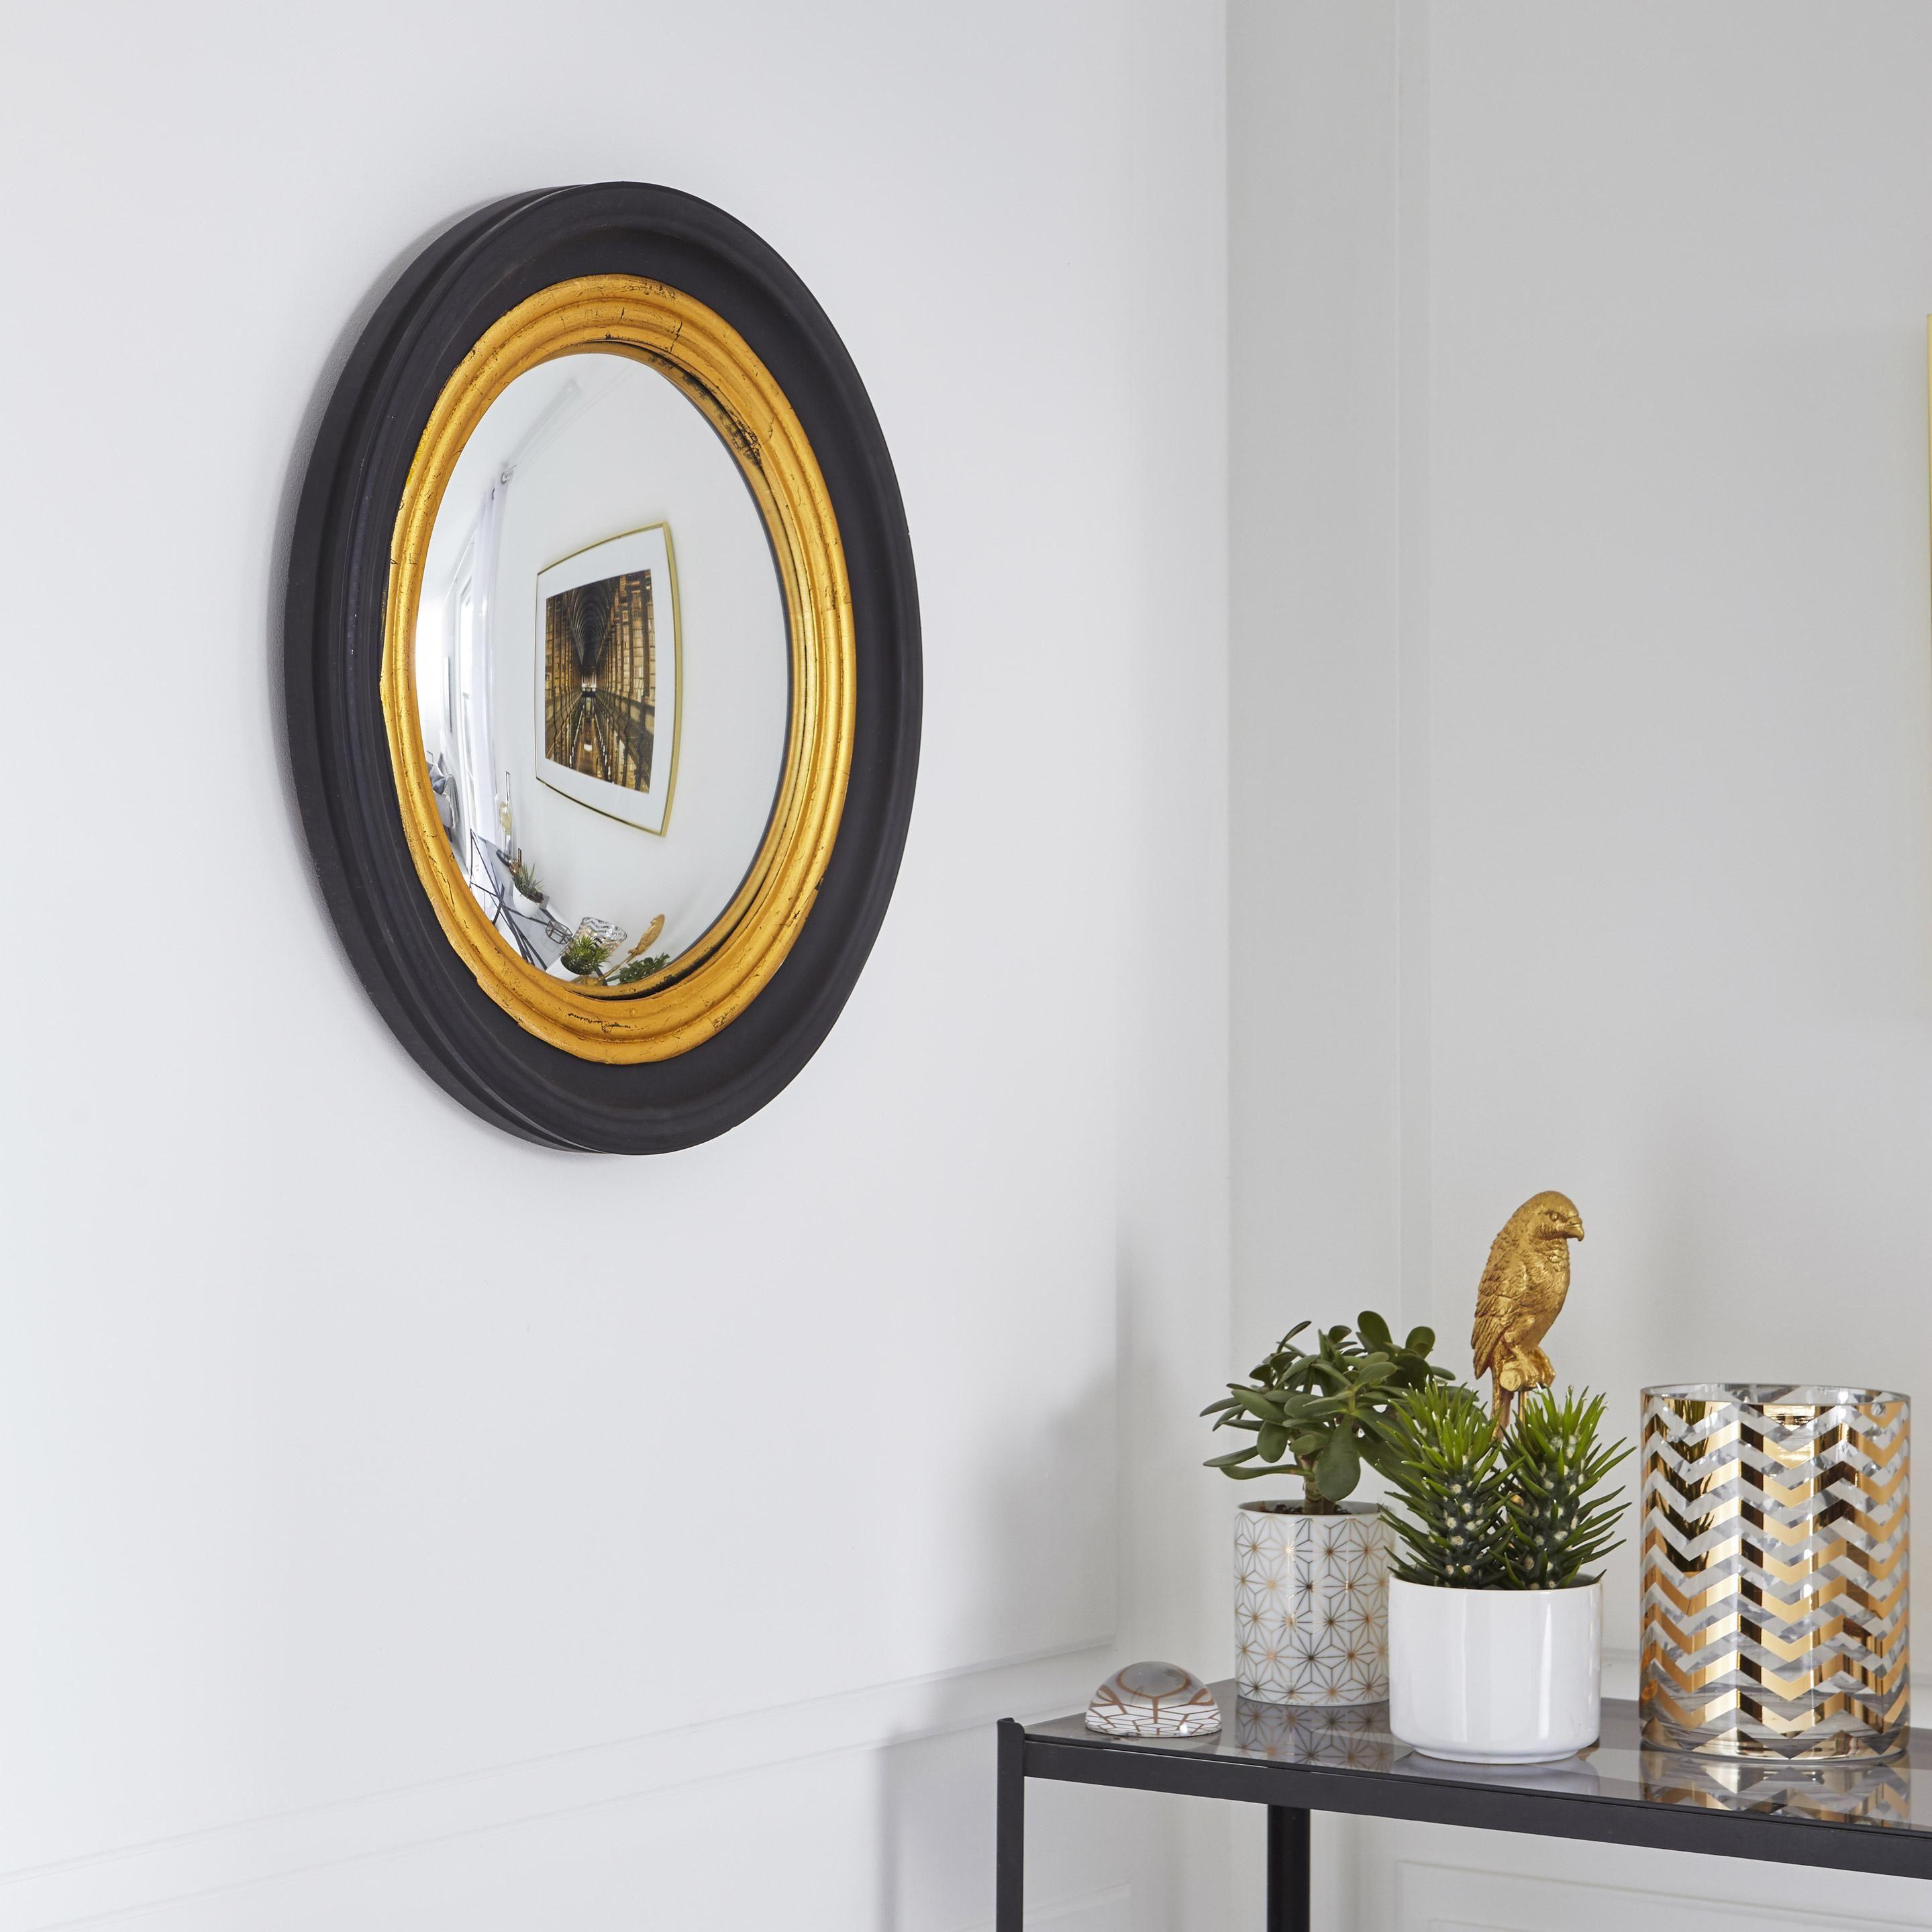 Miroir Rond Convex Noir Diam 37 Cm Au Meilleur Prix En Stock Livraison Rapide Dans Toute La France Decouvrez Les Avi En 2020 Miroir Miroir Rond Decoration Maison